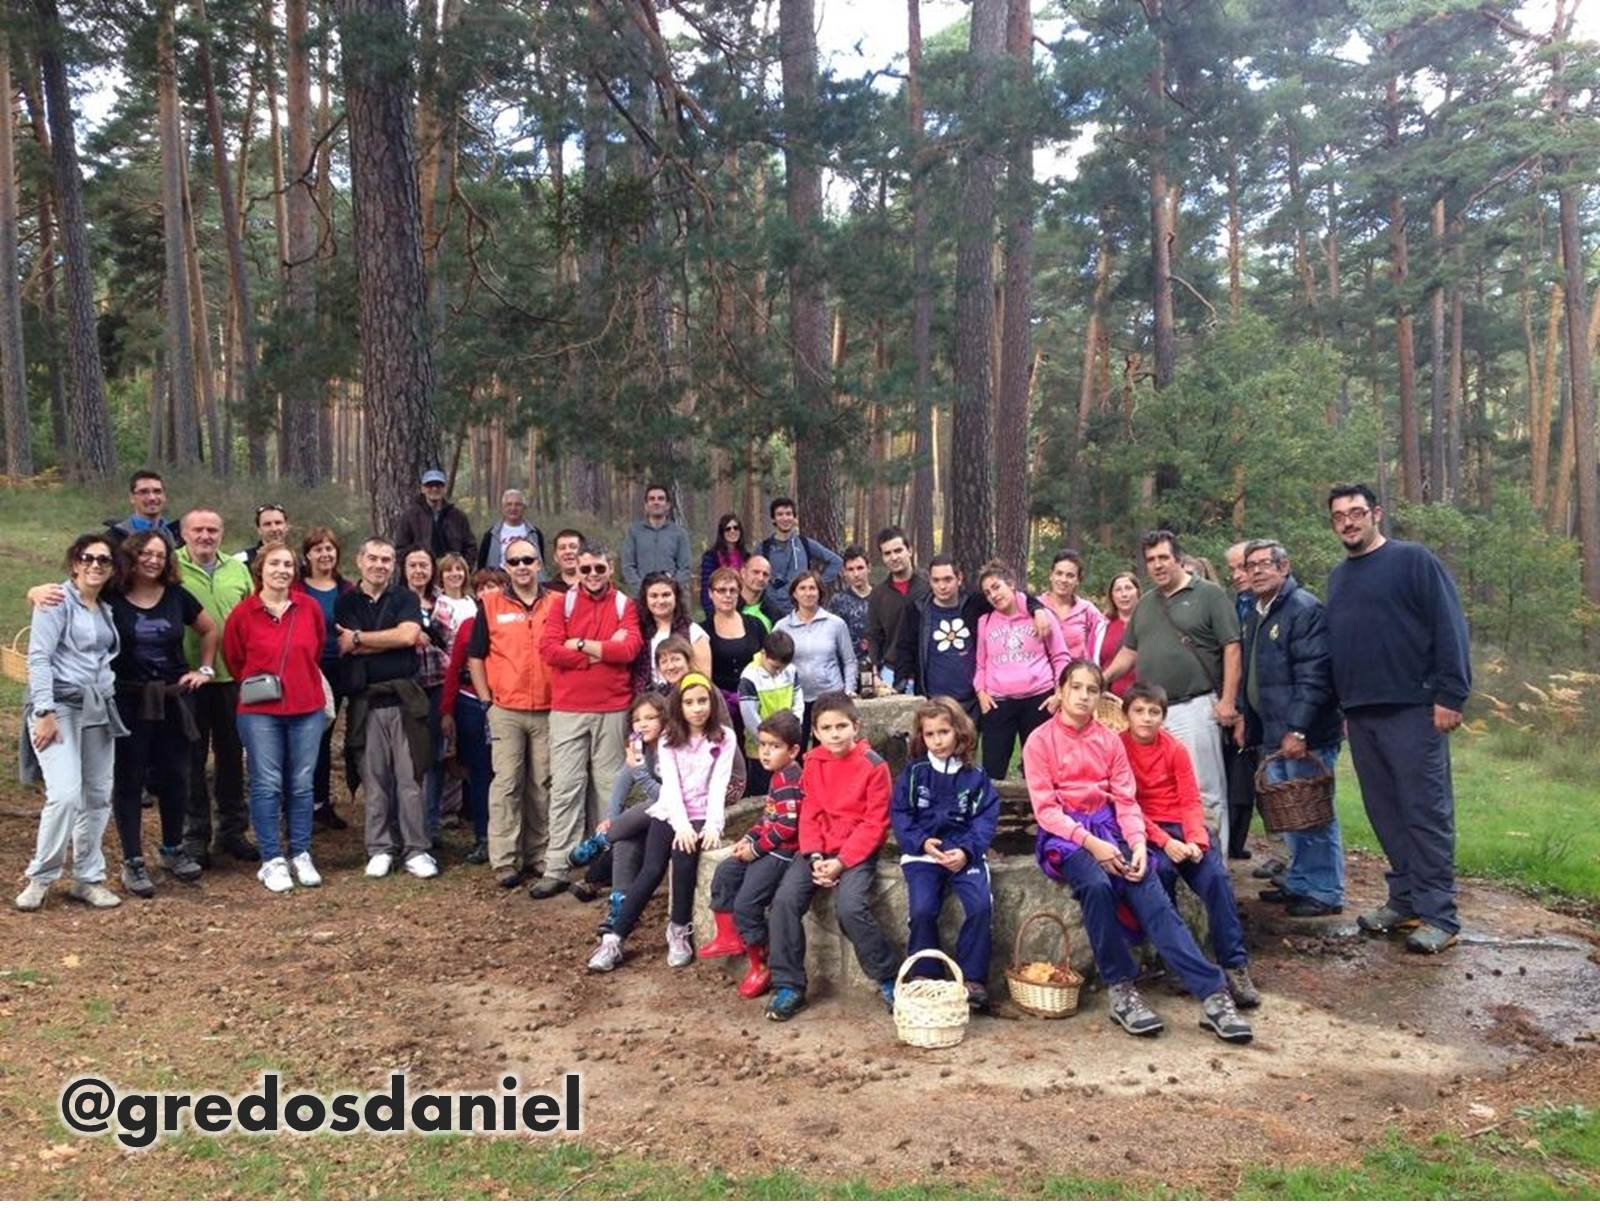 Foto de Familia, pinar de Hoyocasero, Gredos, #TuitQuedadaMicologica